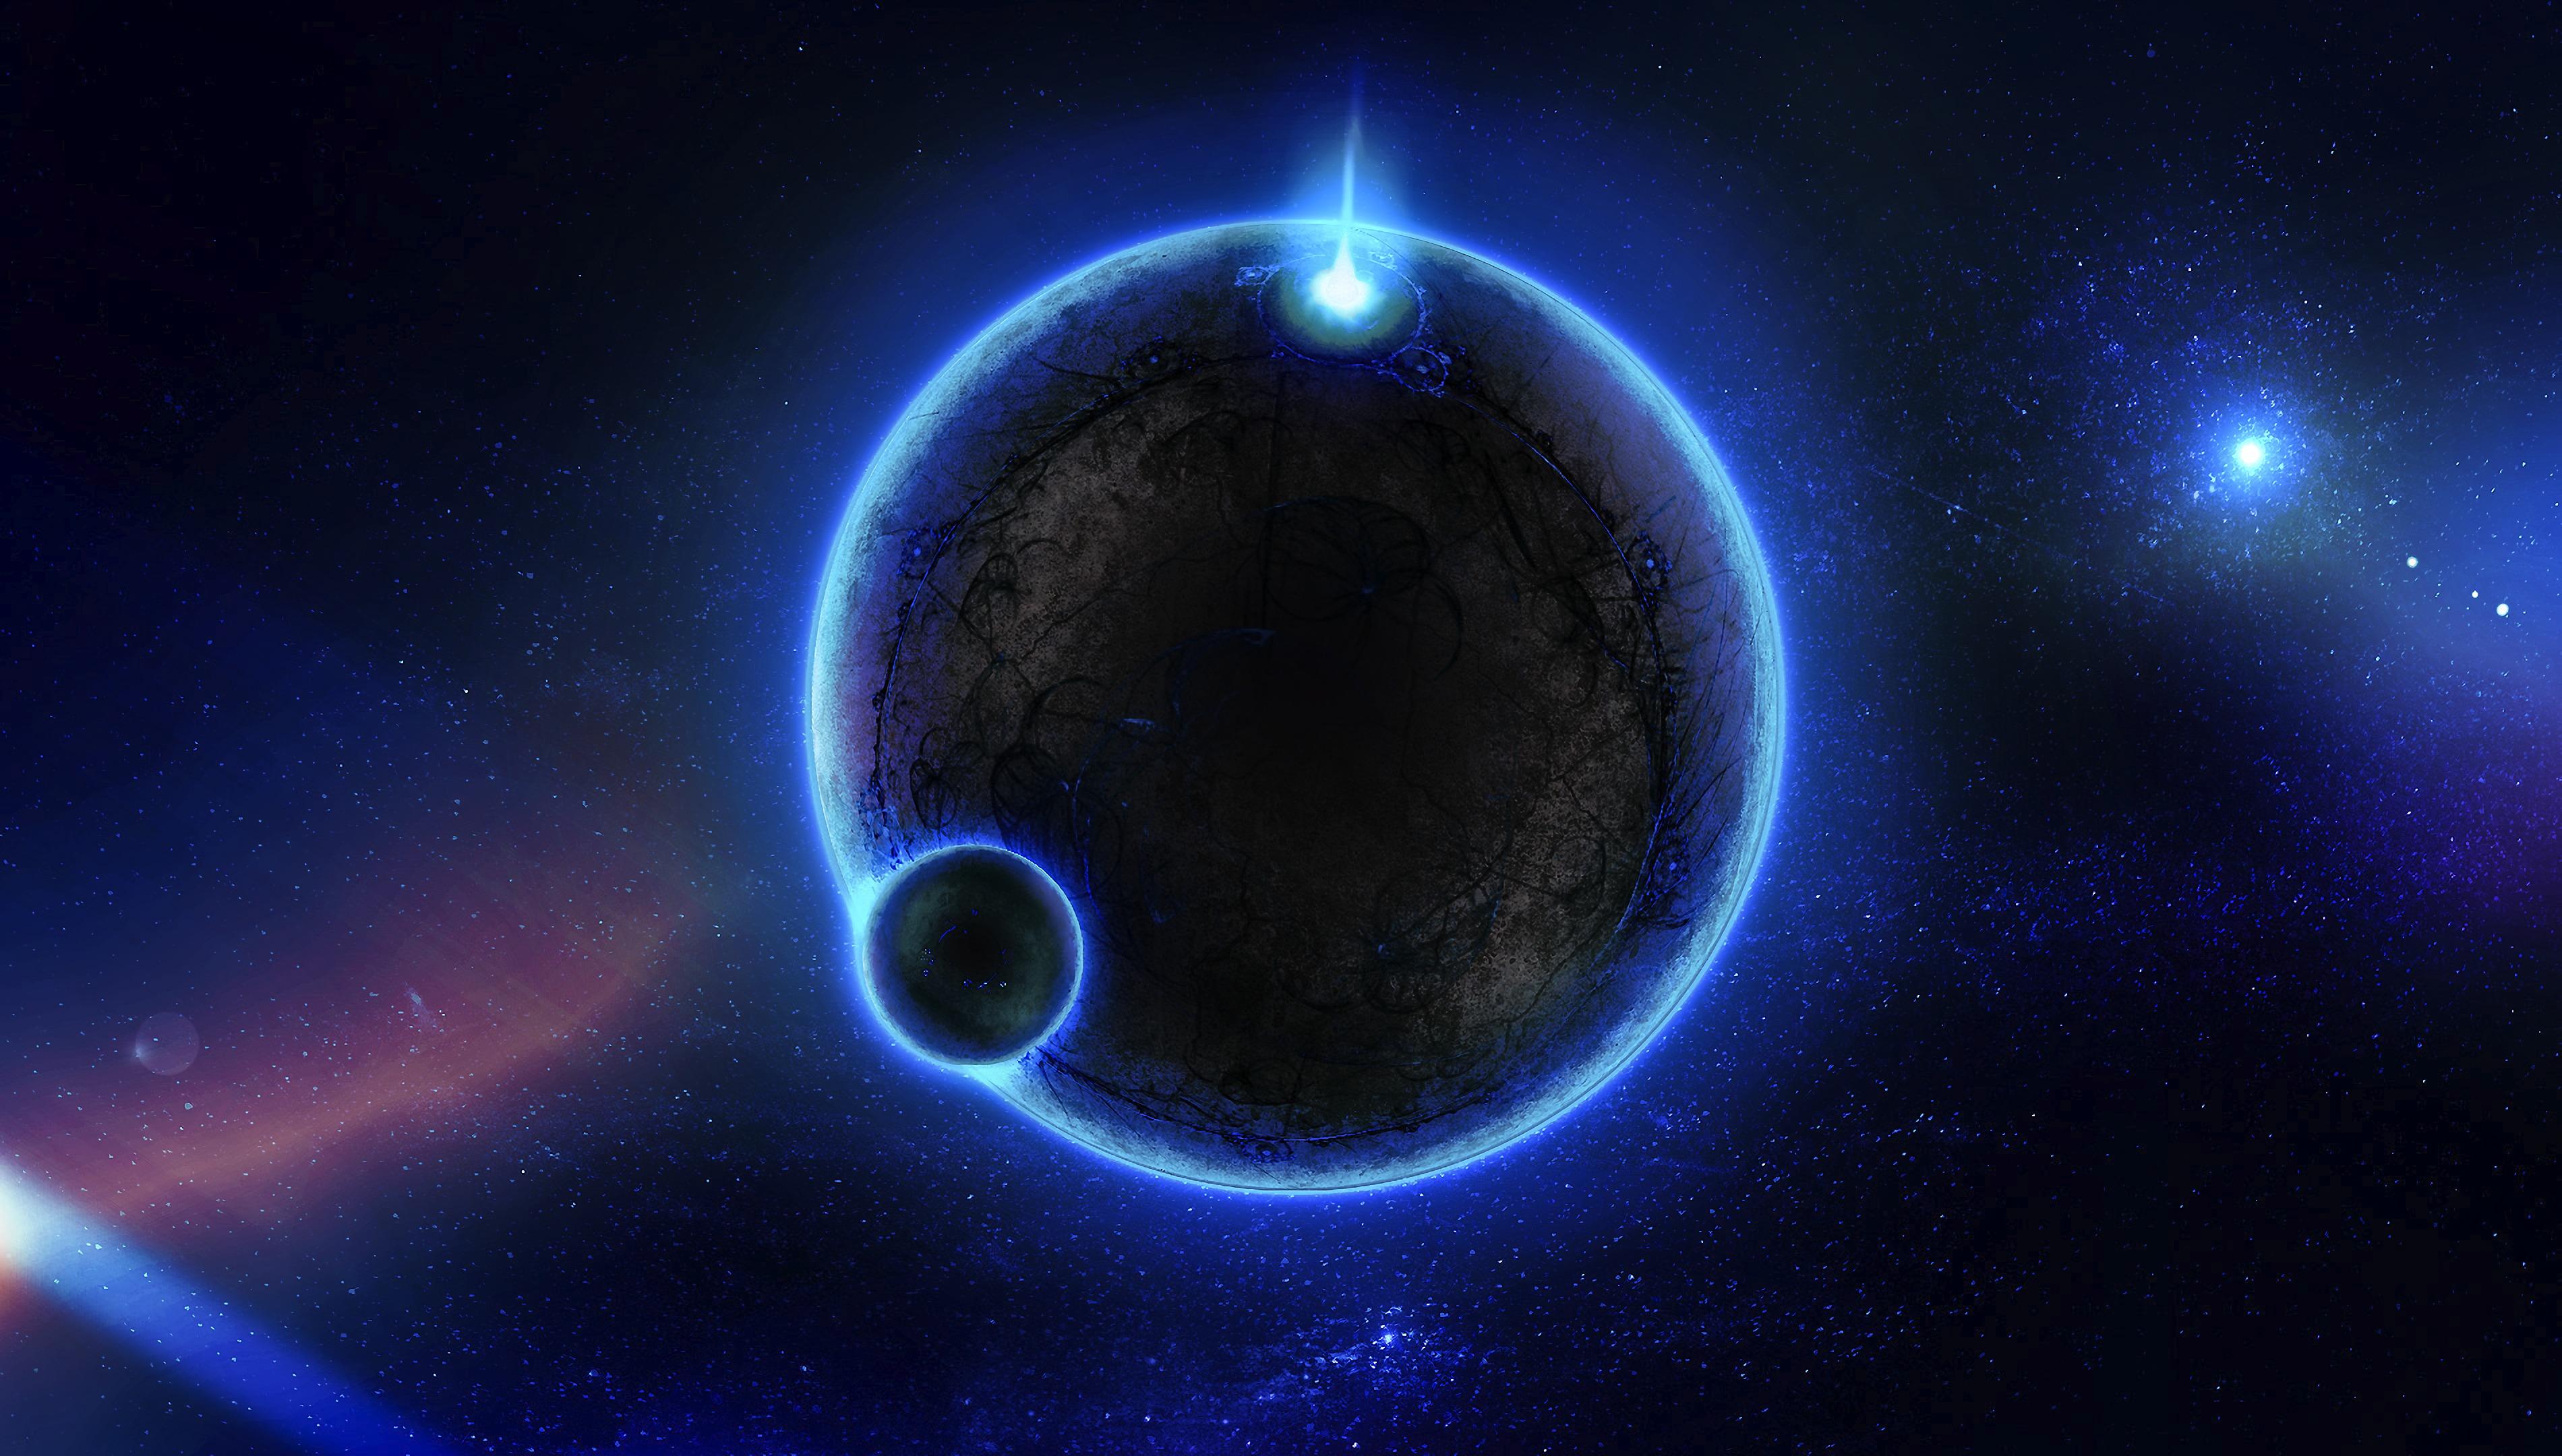 146407 скачать обои Планеты, Свечение, Космос, Свет, Синий - заставки и картинки бесплатно